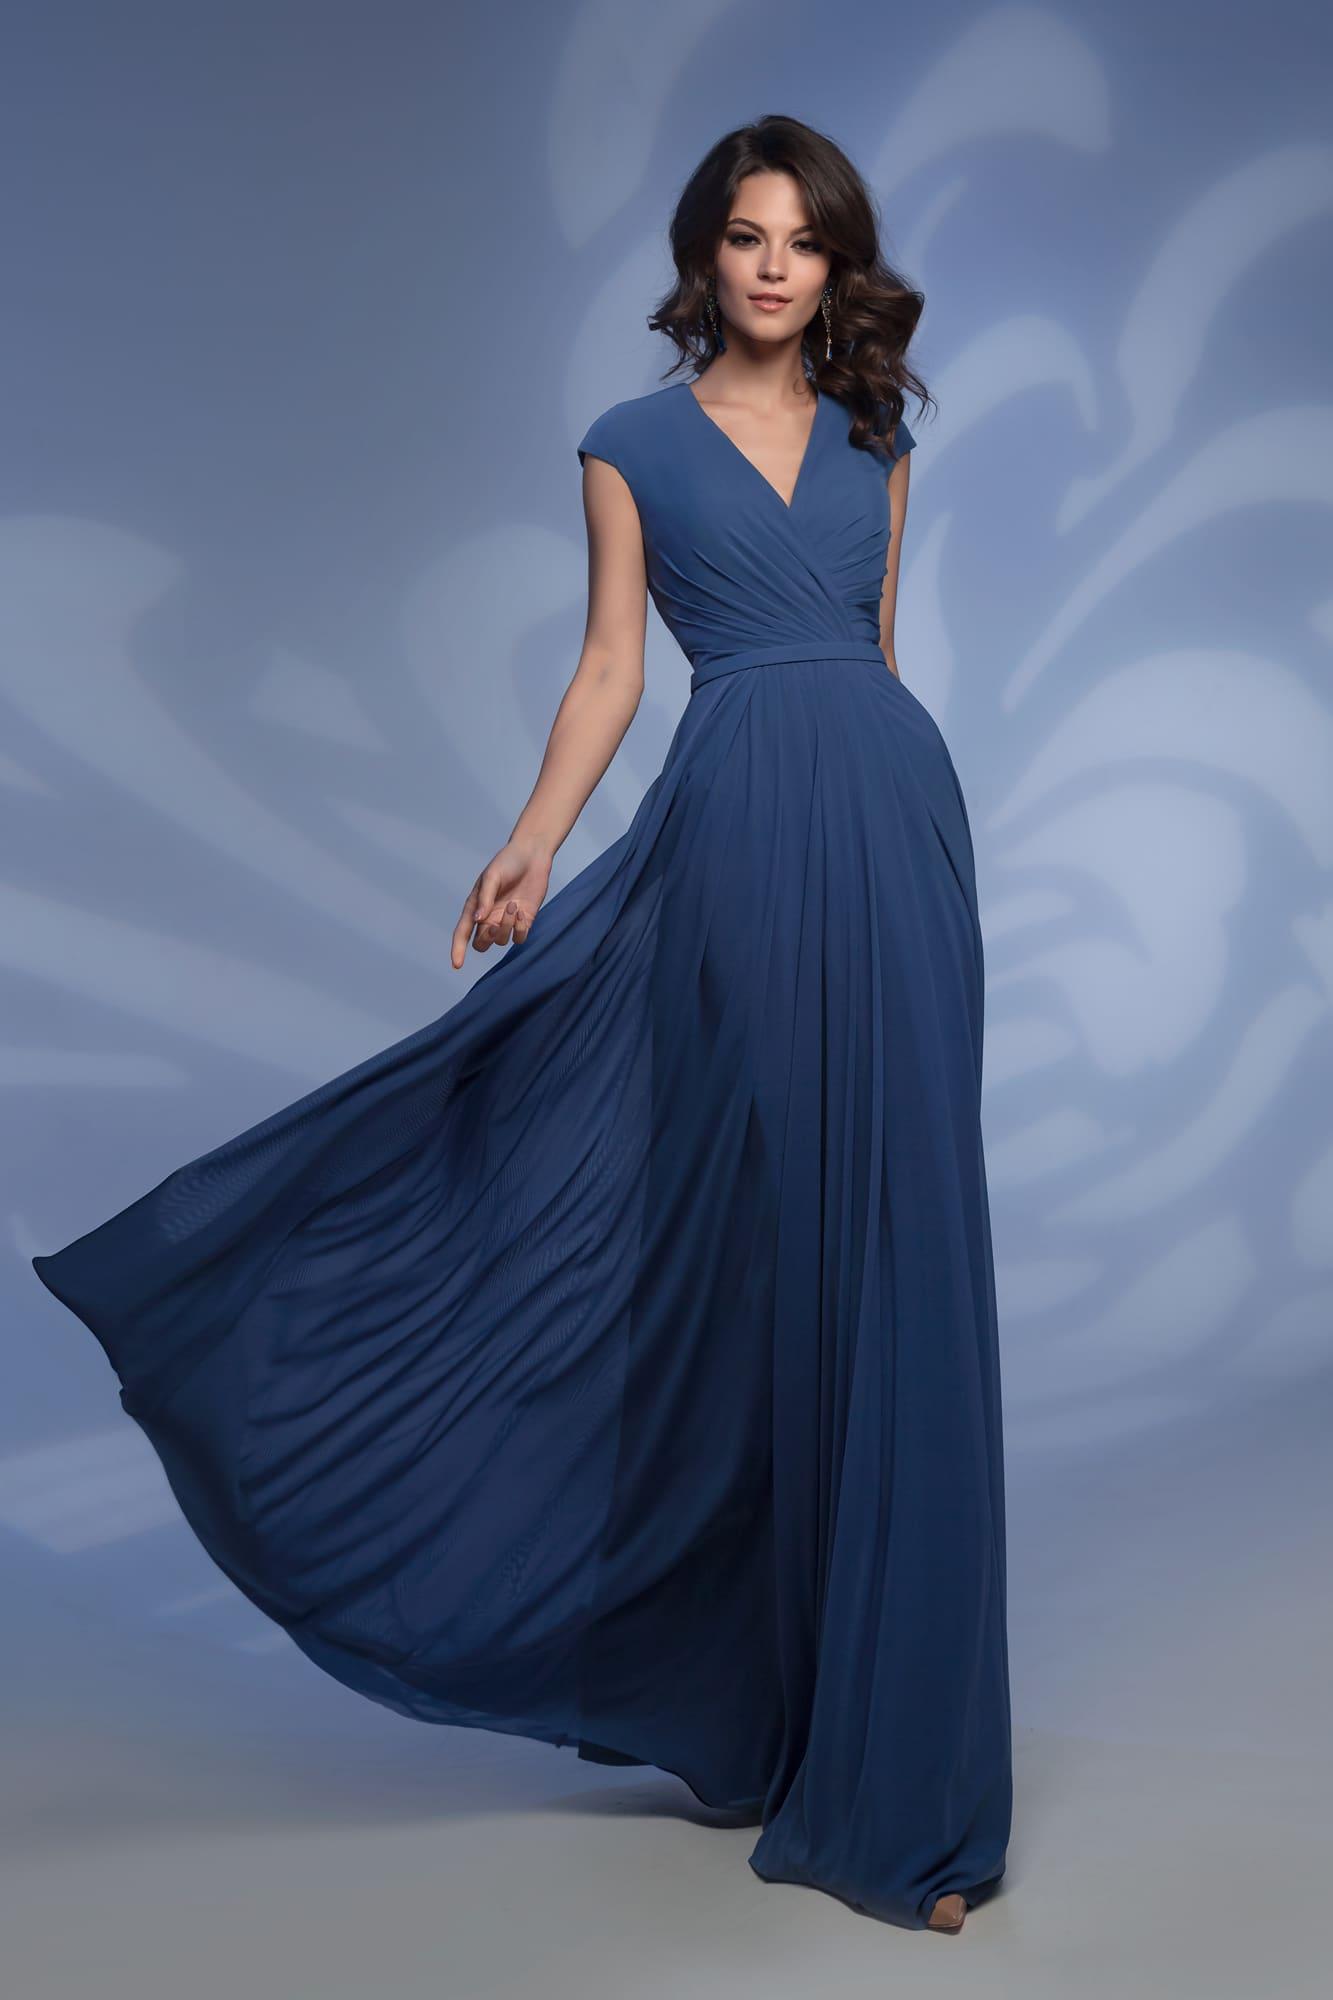 куплю в ржеве вечернее платье в пол